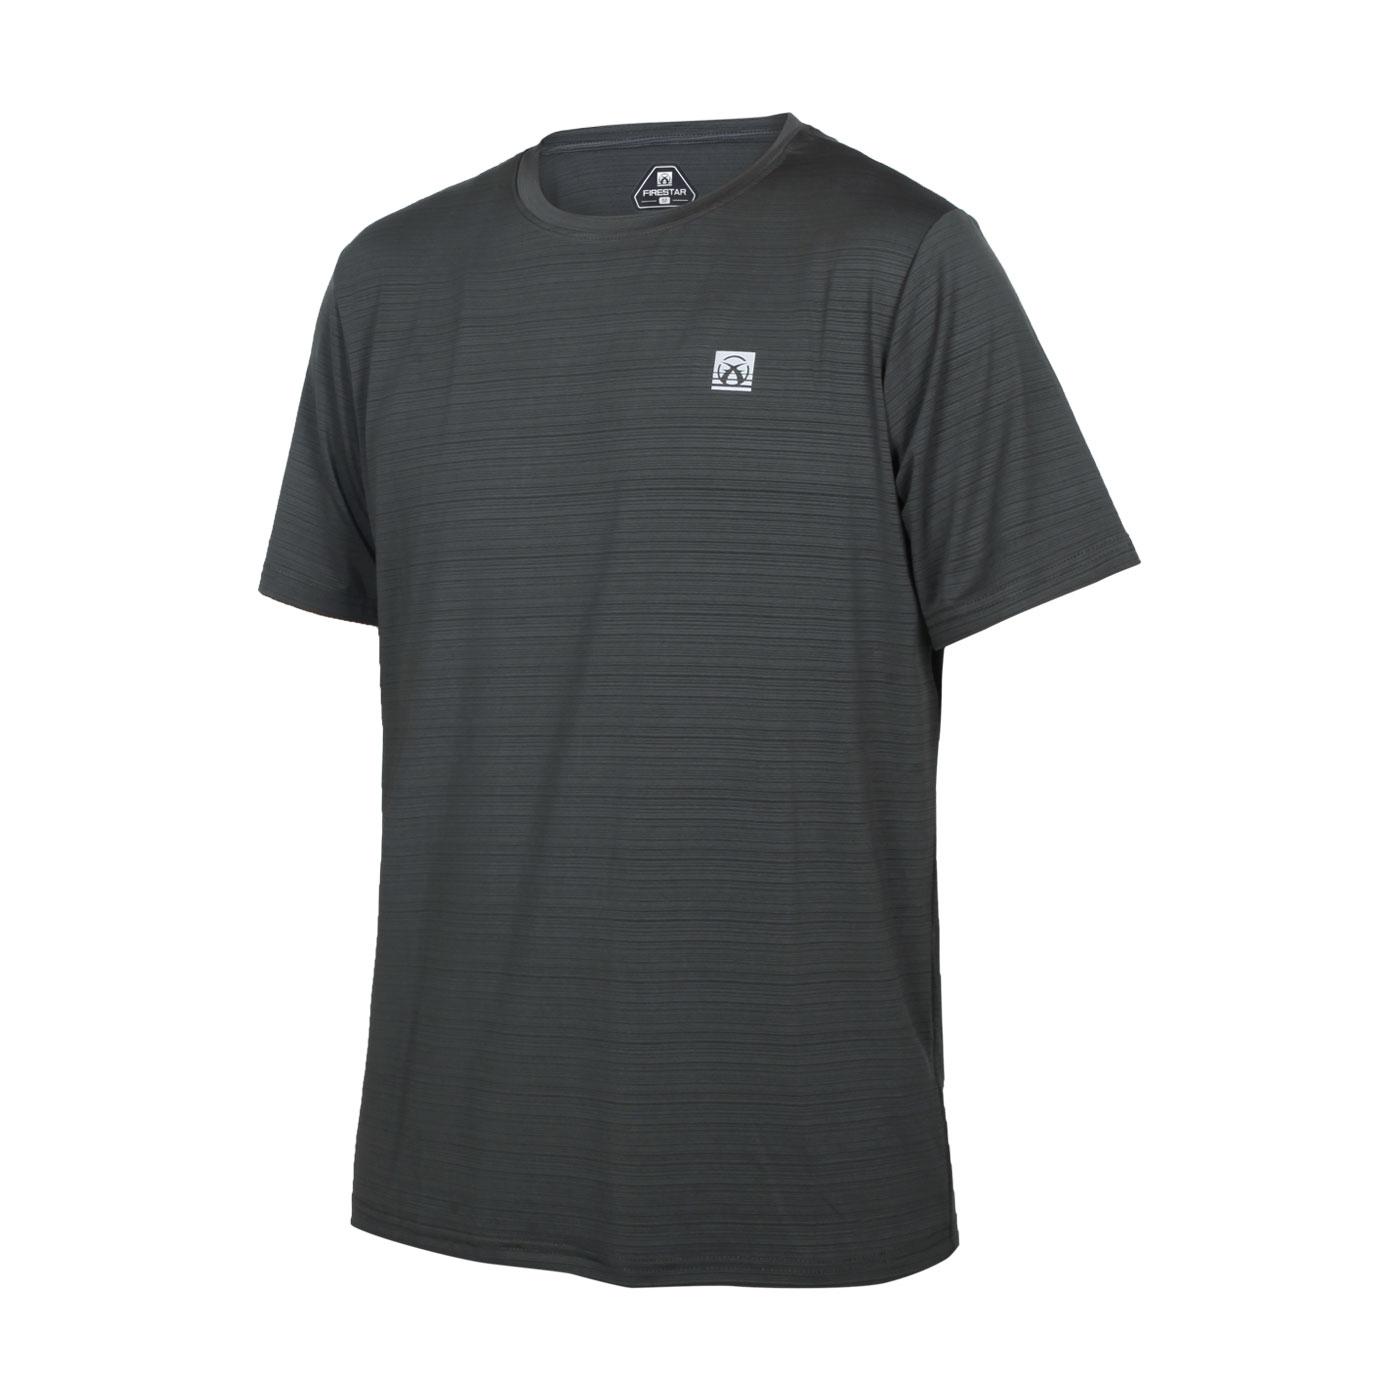 FIRESTAR 男彈性機能短袖圓領T恤 D1733-16 - 灰銀